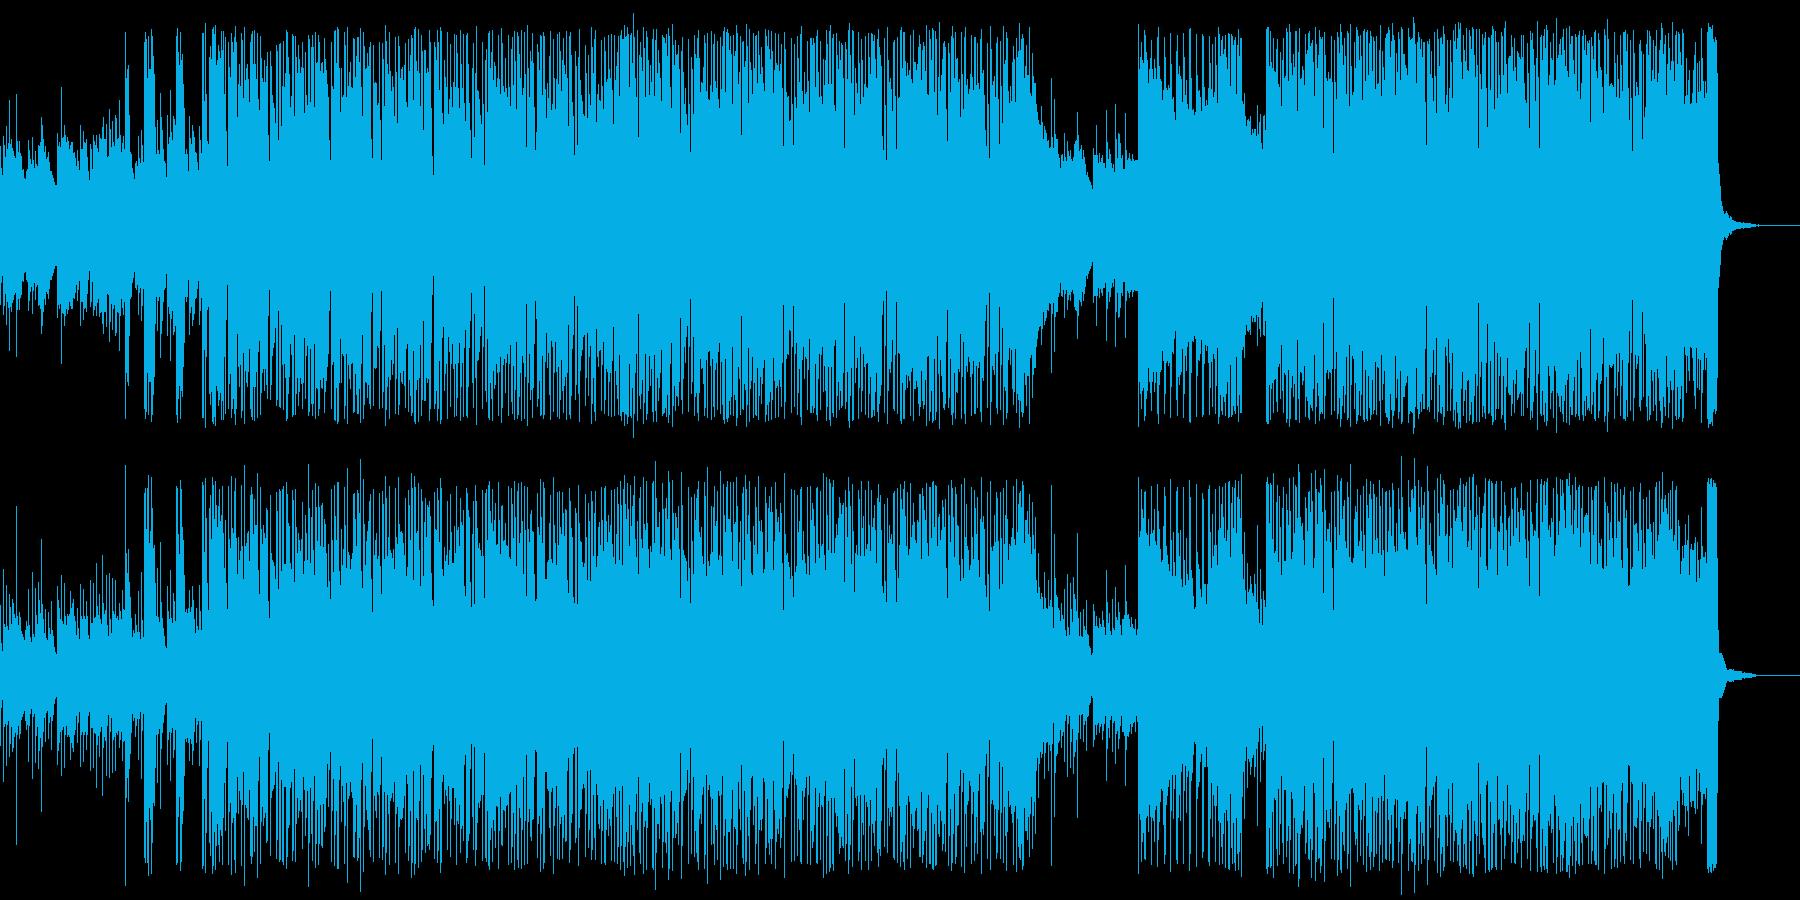 グロッケンの幻想的でテクニカルなロックの再生済みの波形